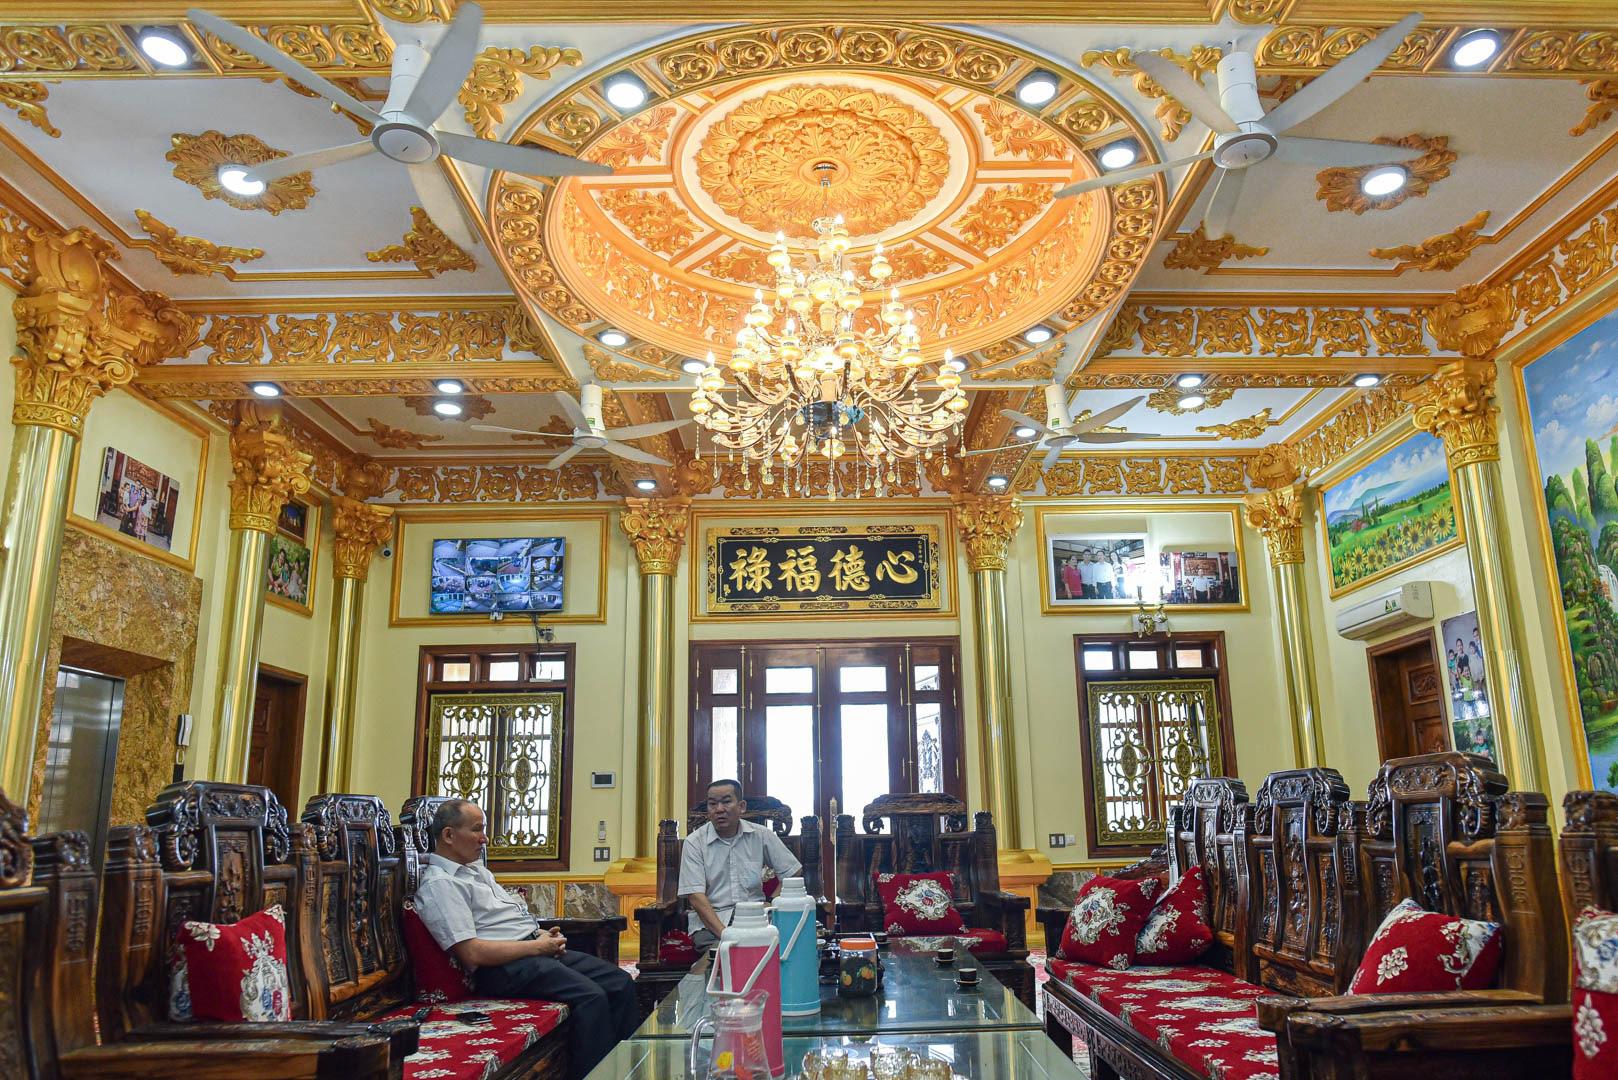 """Lâu đài """"dát vàng"""", bên trong toàn nội thất đắt đỏ của đại gia ở Hưng Yên - Ảnh 6."""